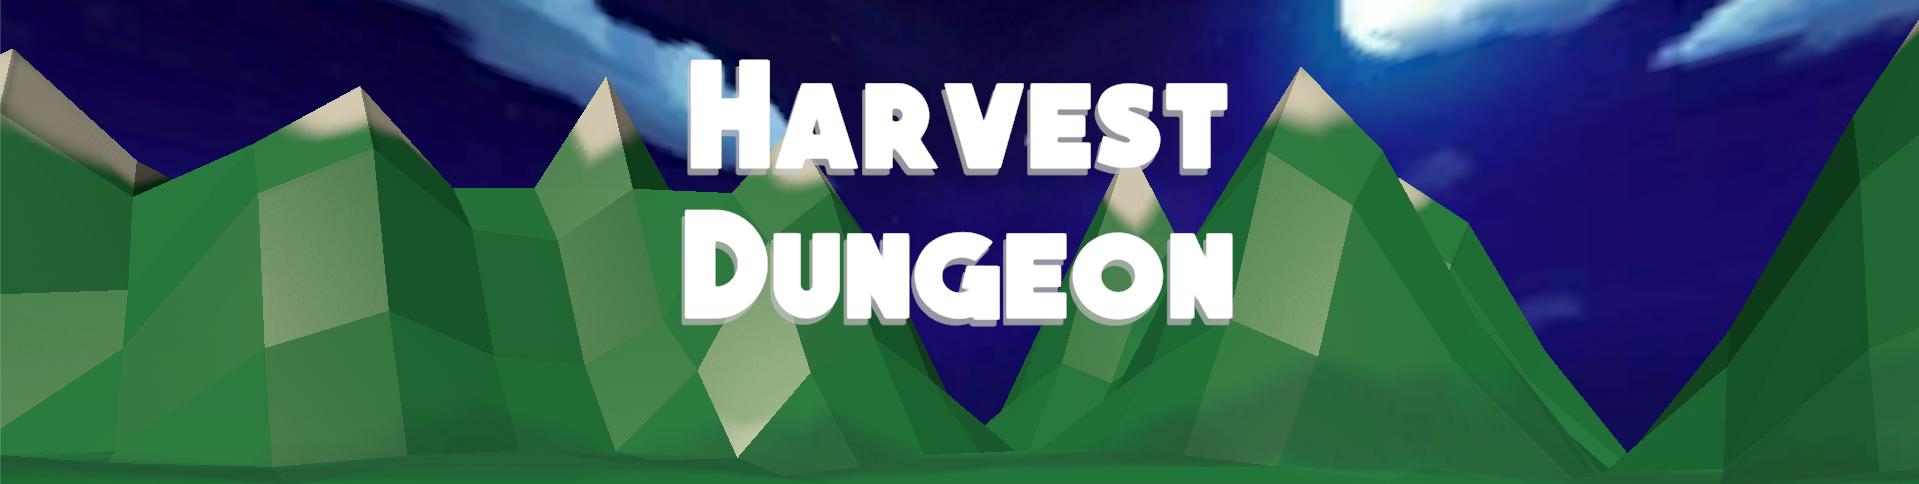 Harvest Dungeon